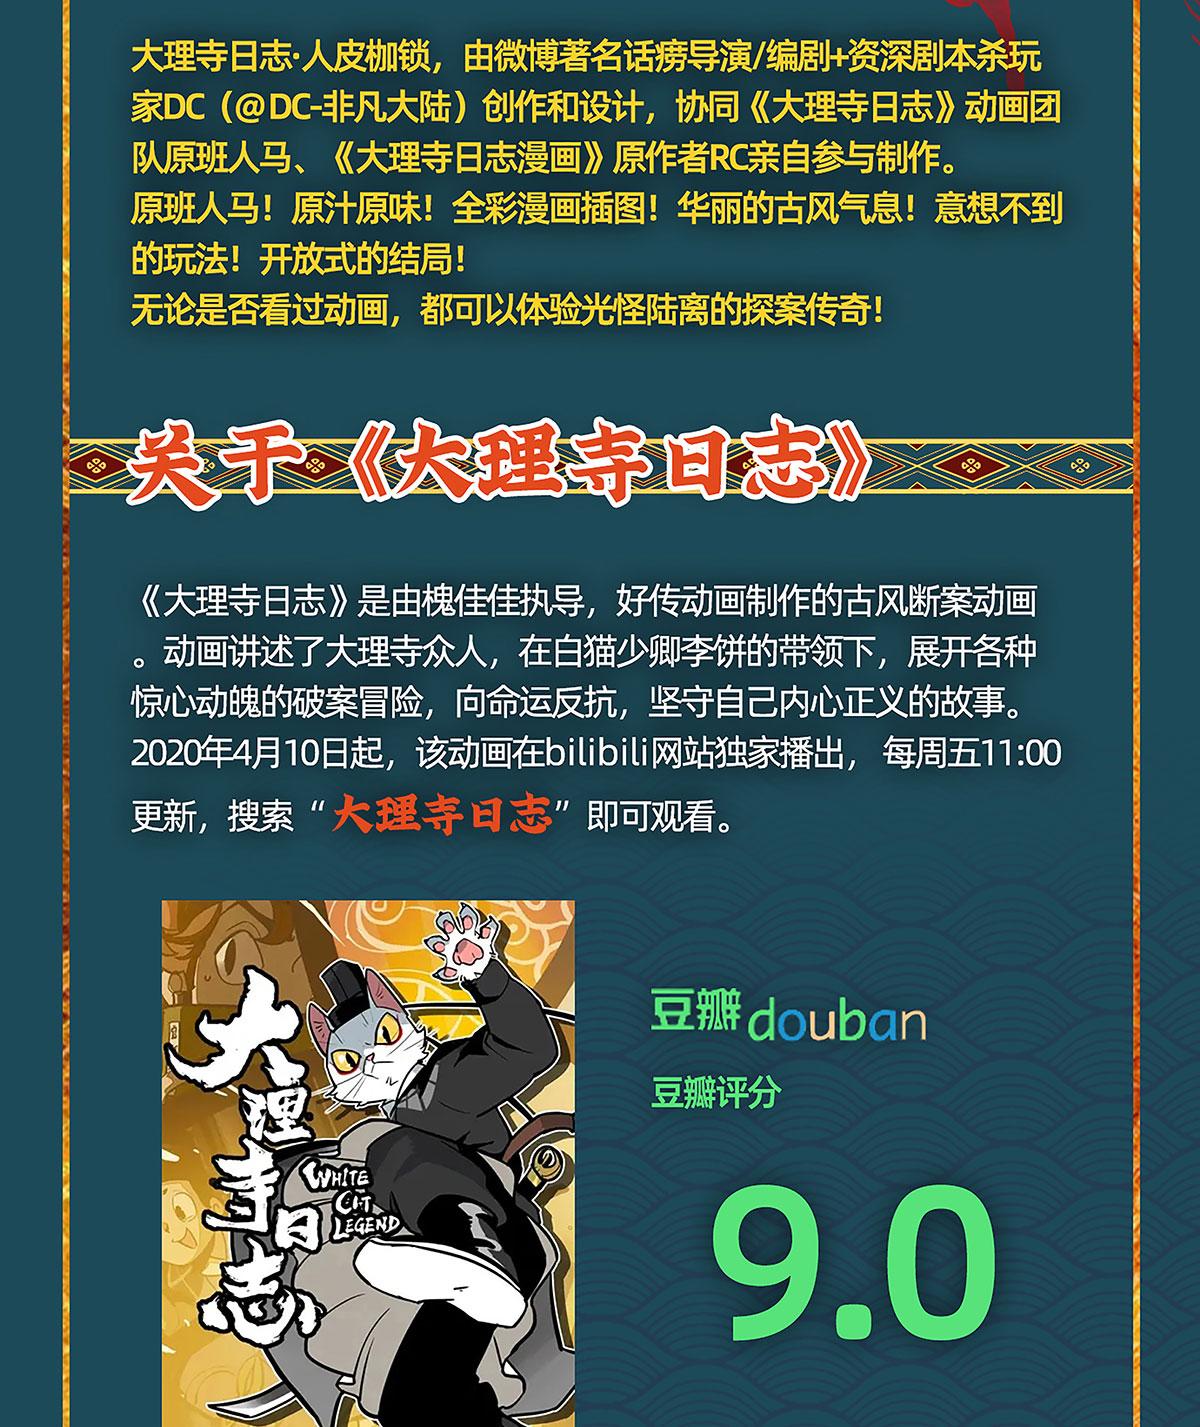 众筹长图_07.jpg